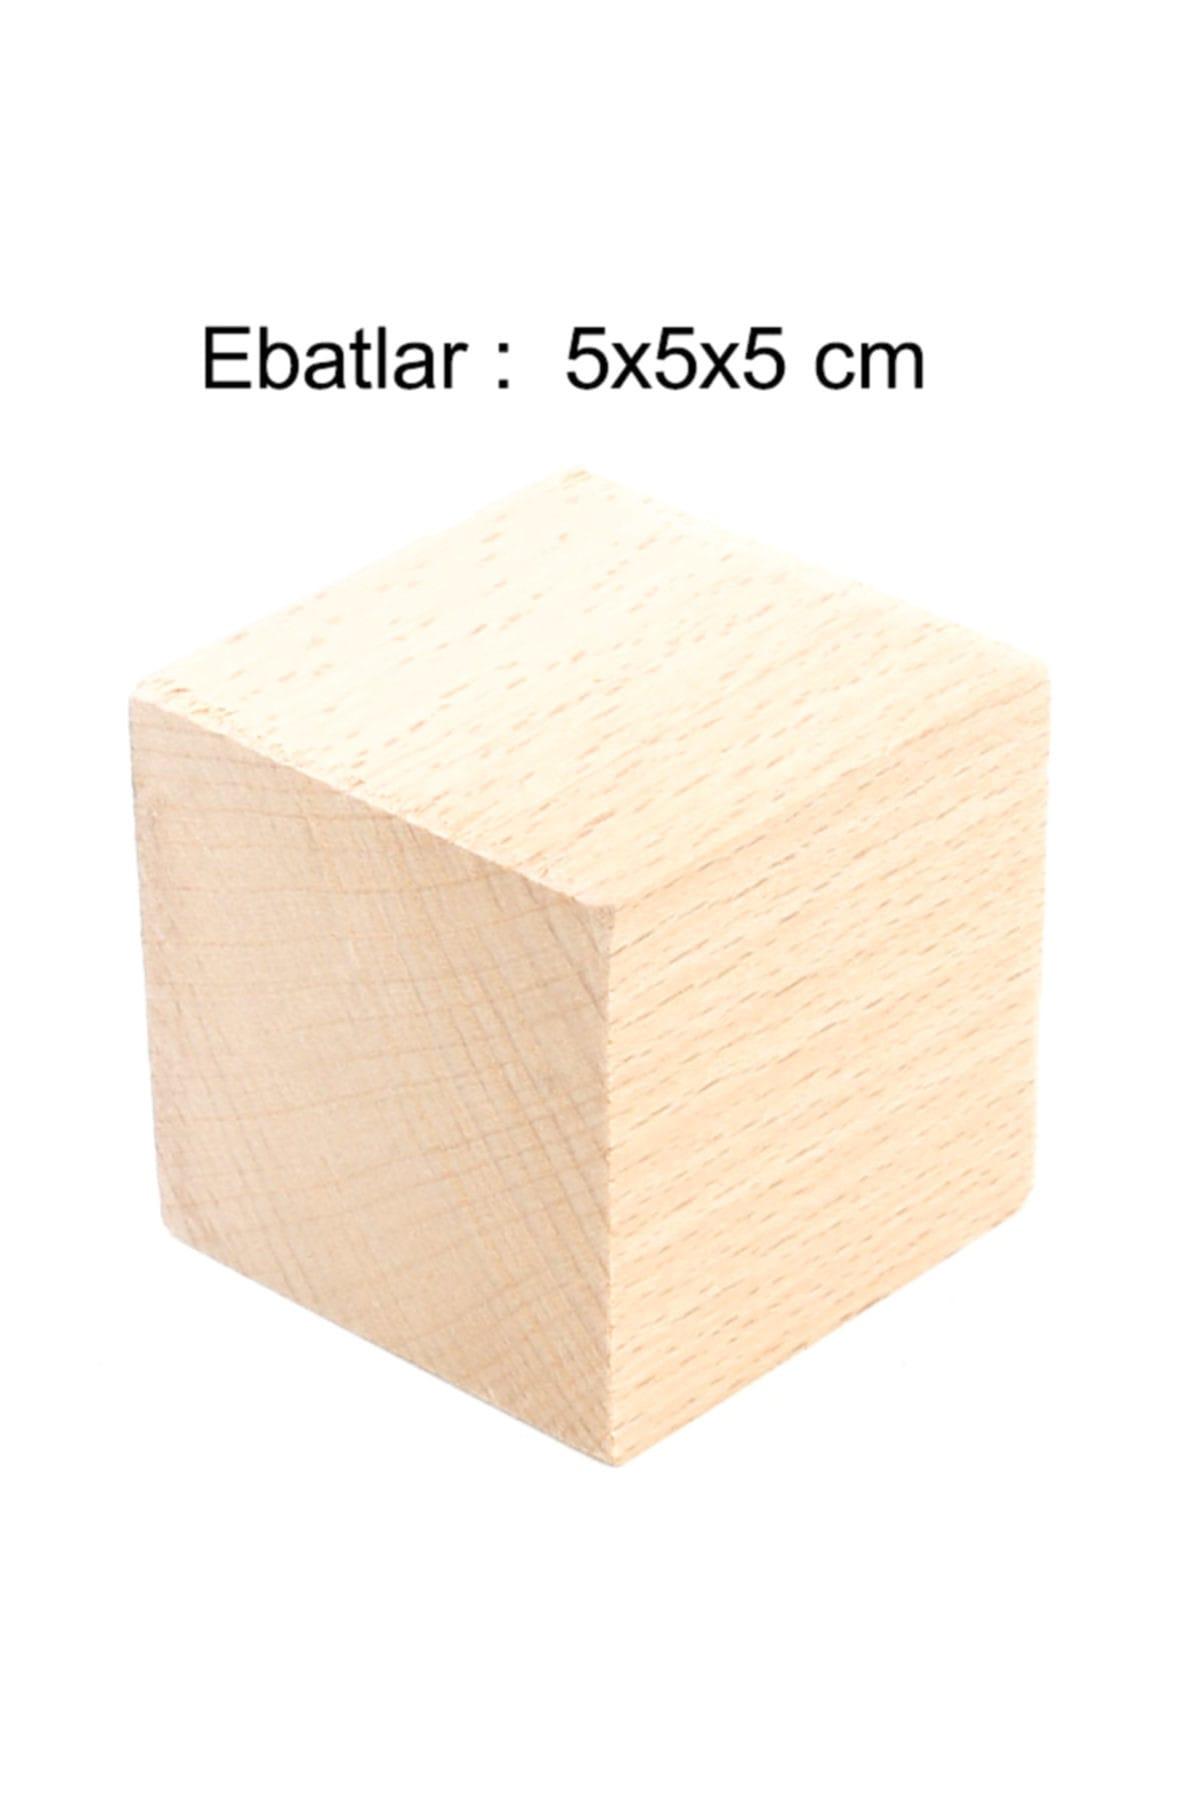 Hobi Dünya Doğal Ahşap Küp Blok 5 cm 3 adet 2